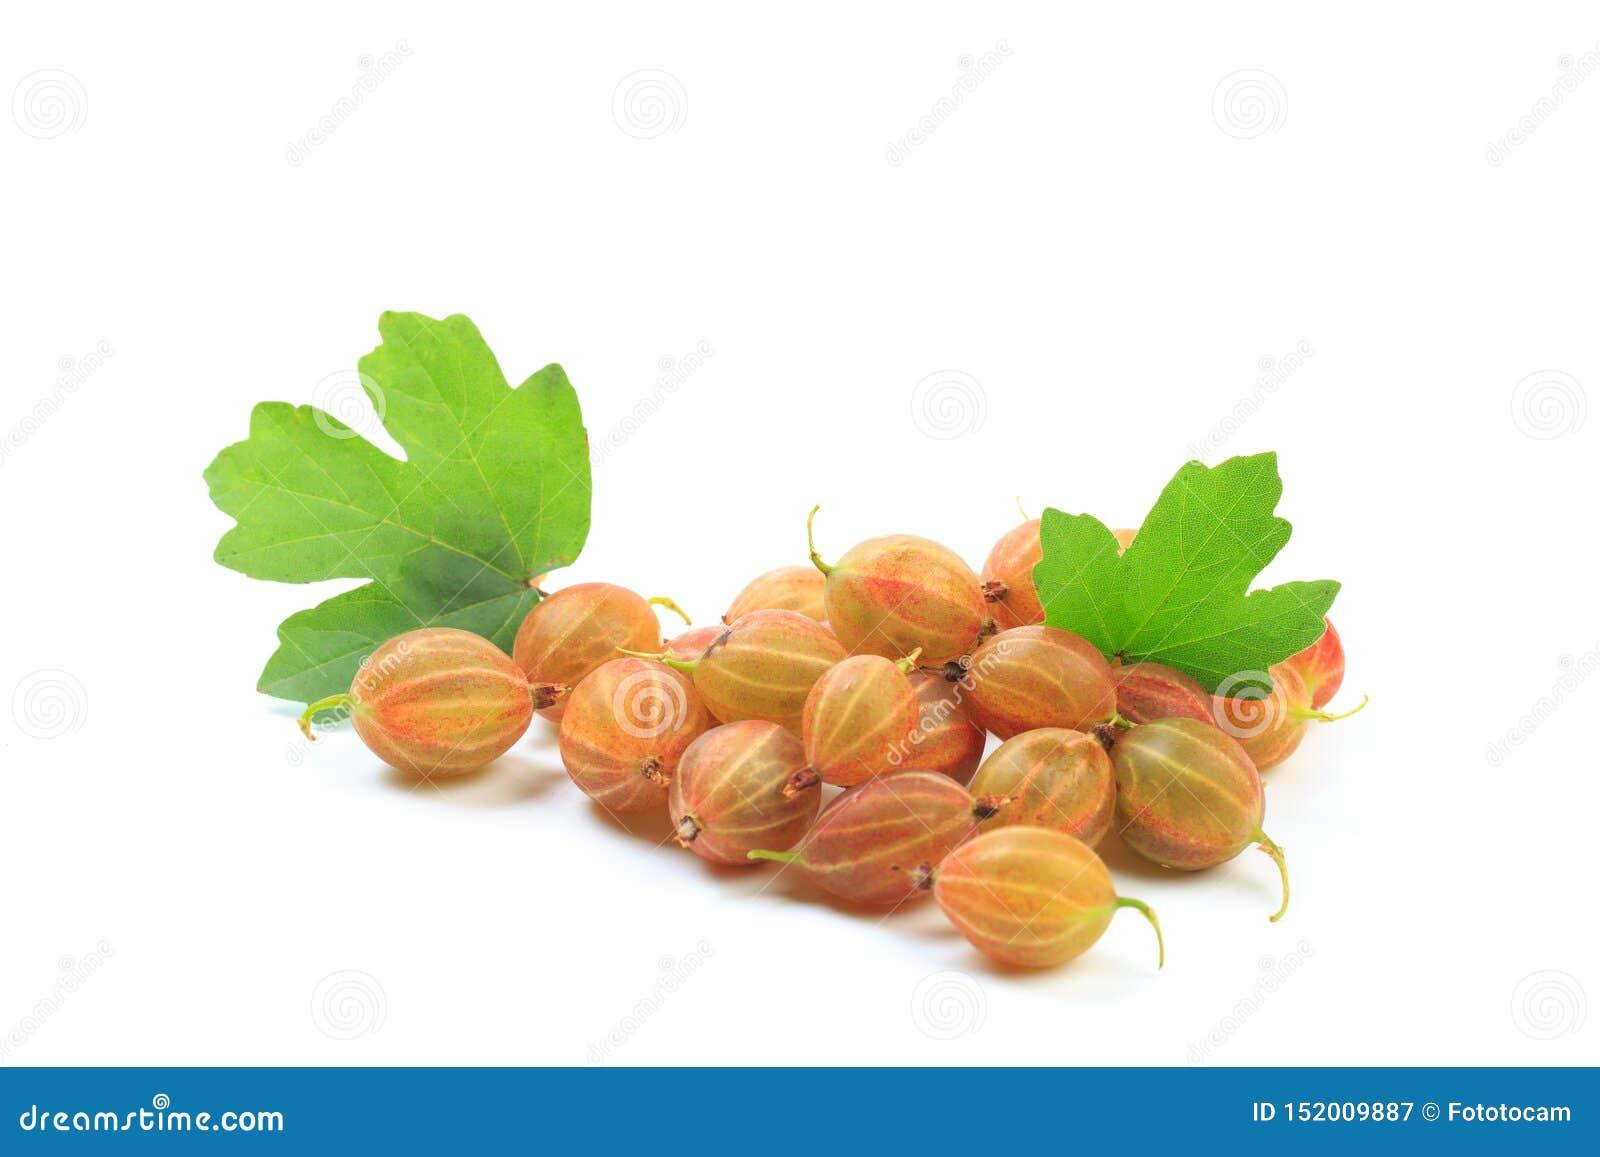 Gooseberry isolated on white background - Image